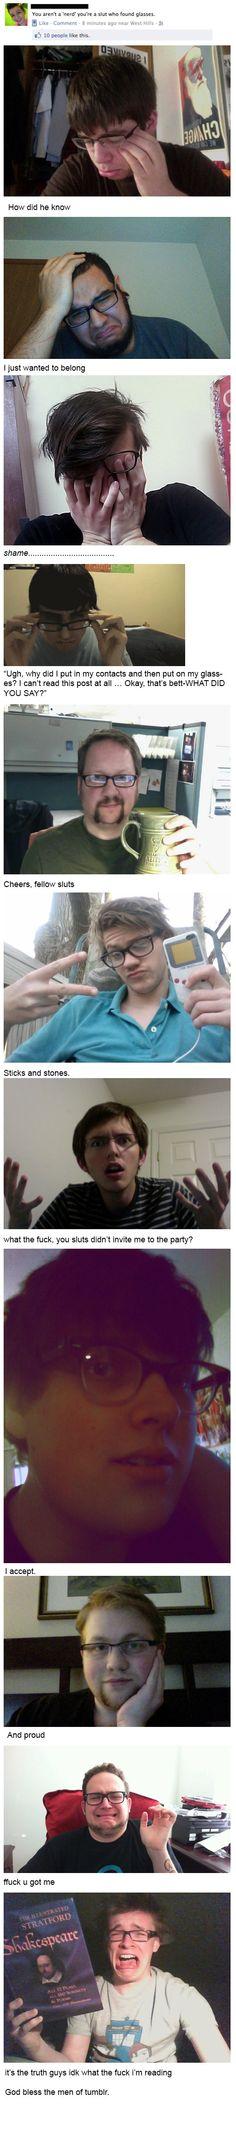 God Bless the Men of Tumblr